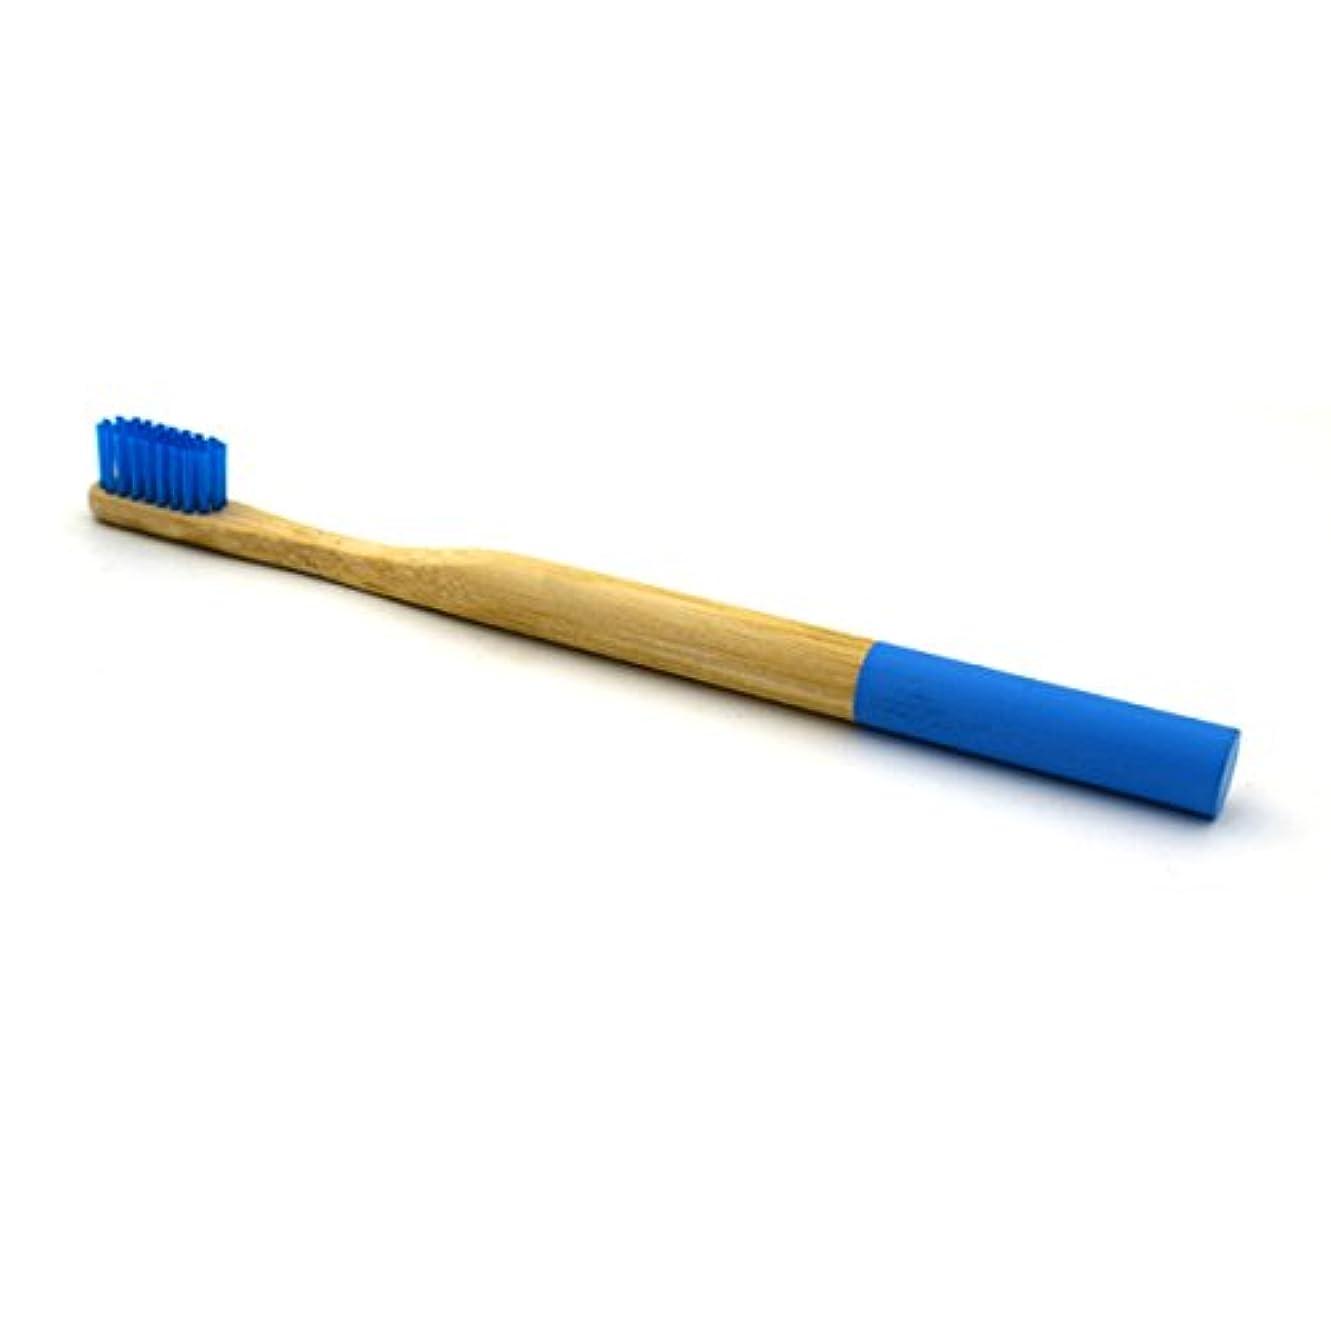 クリア仲介者偏心SUPVOX タケ歯ブラシの円形のハンドルの自然なEcoの友好的で柔らかい剛毛旅行歯ブラシ